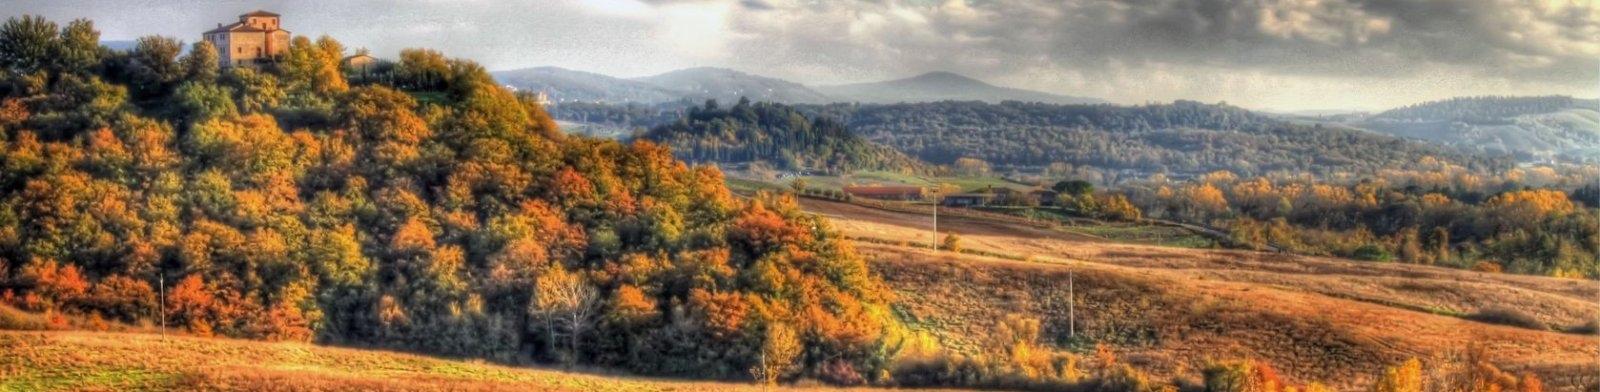 Castelnuovo Berardenga holidays